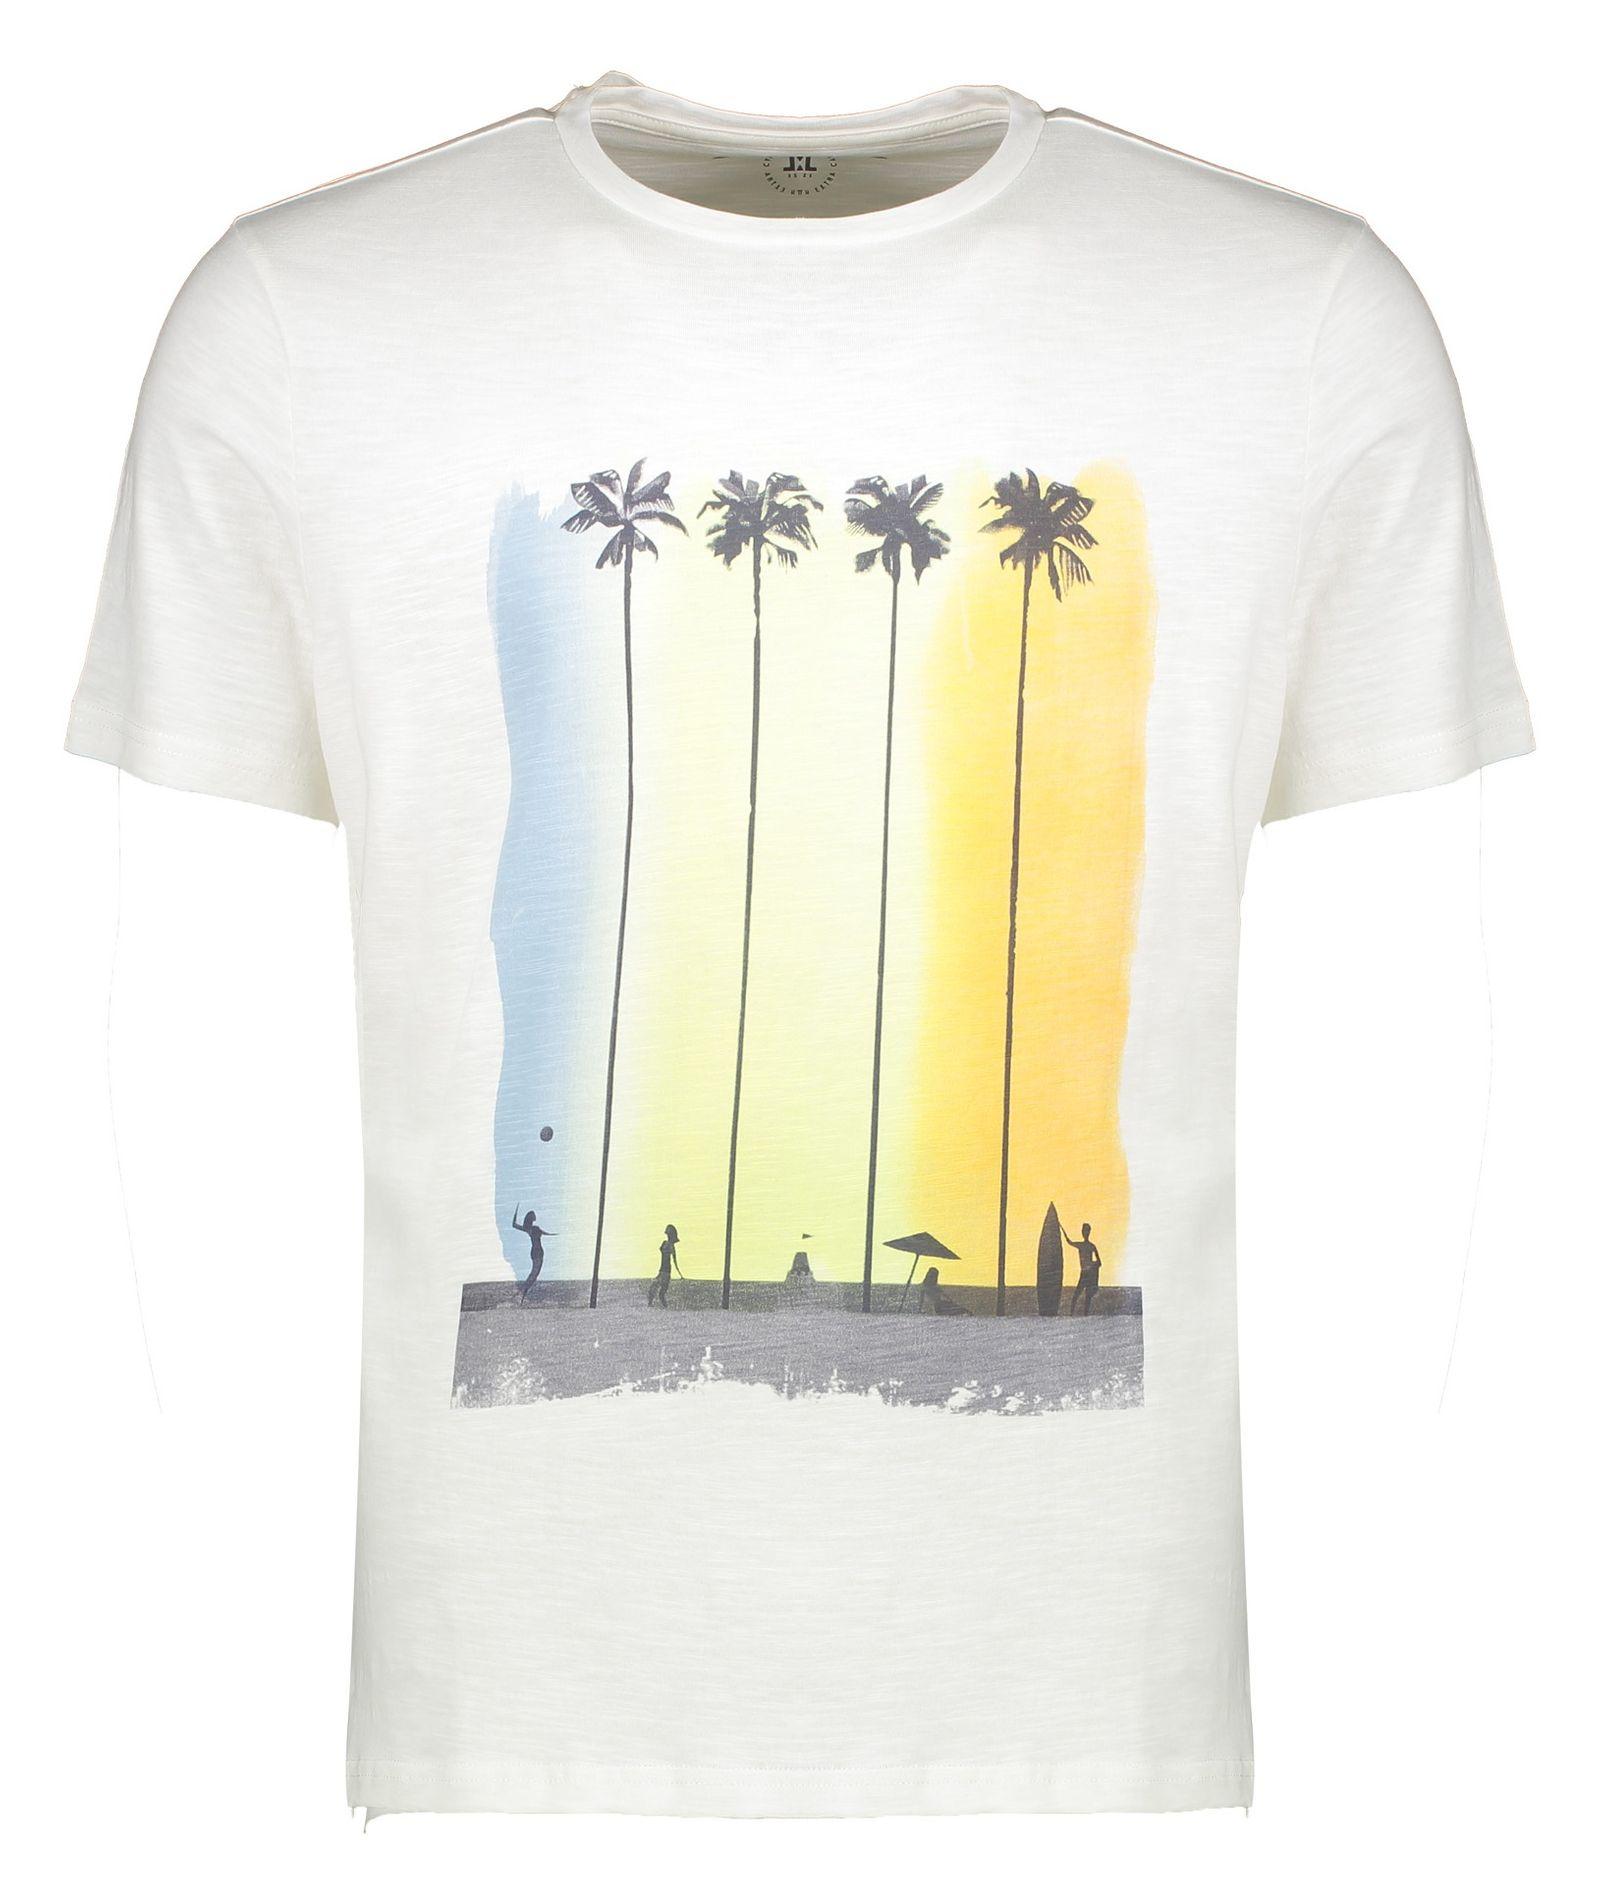 تی شرت مردانه یوپیم مدل 5127665 -  - 1